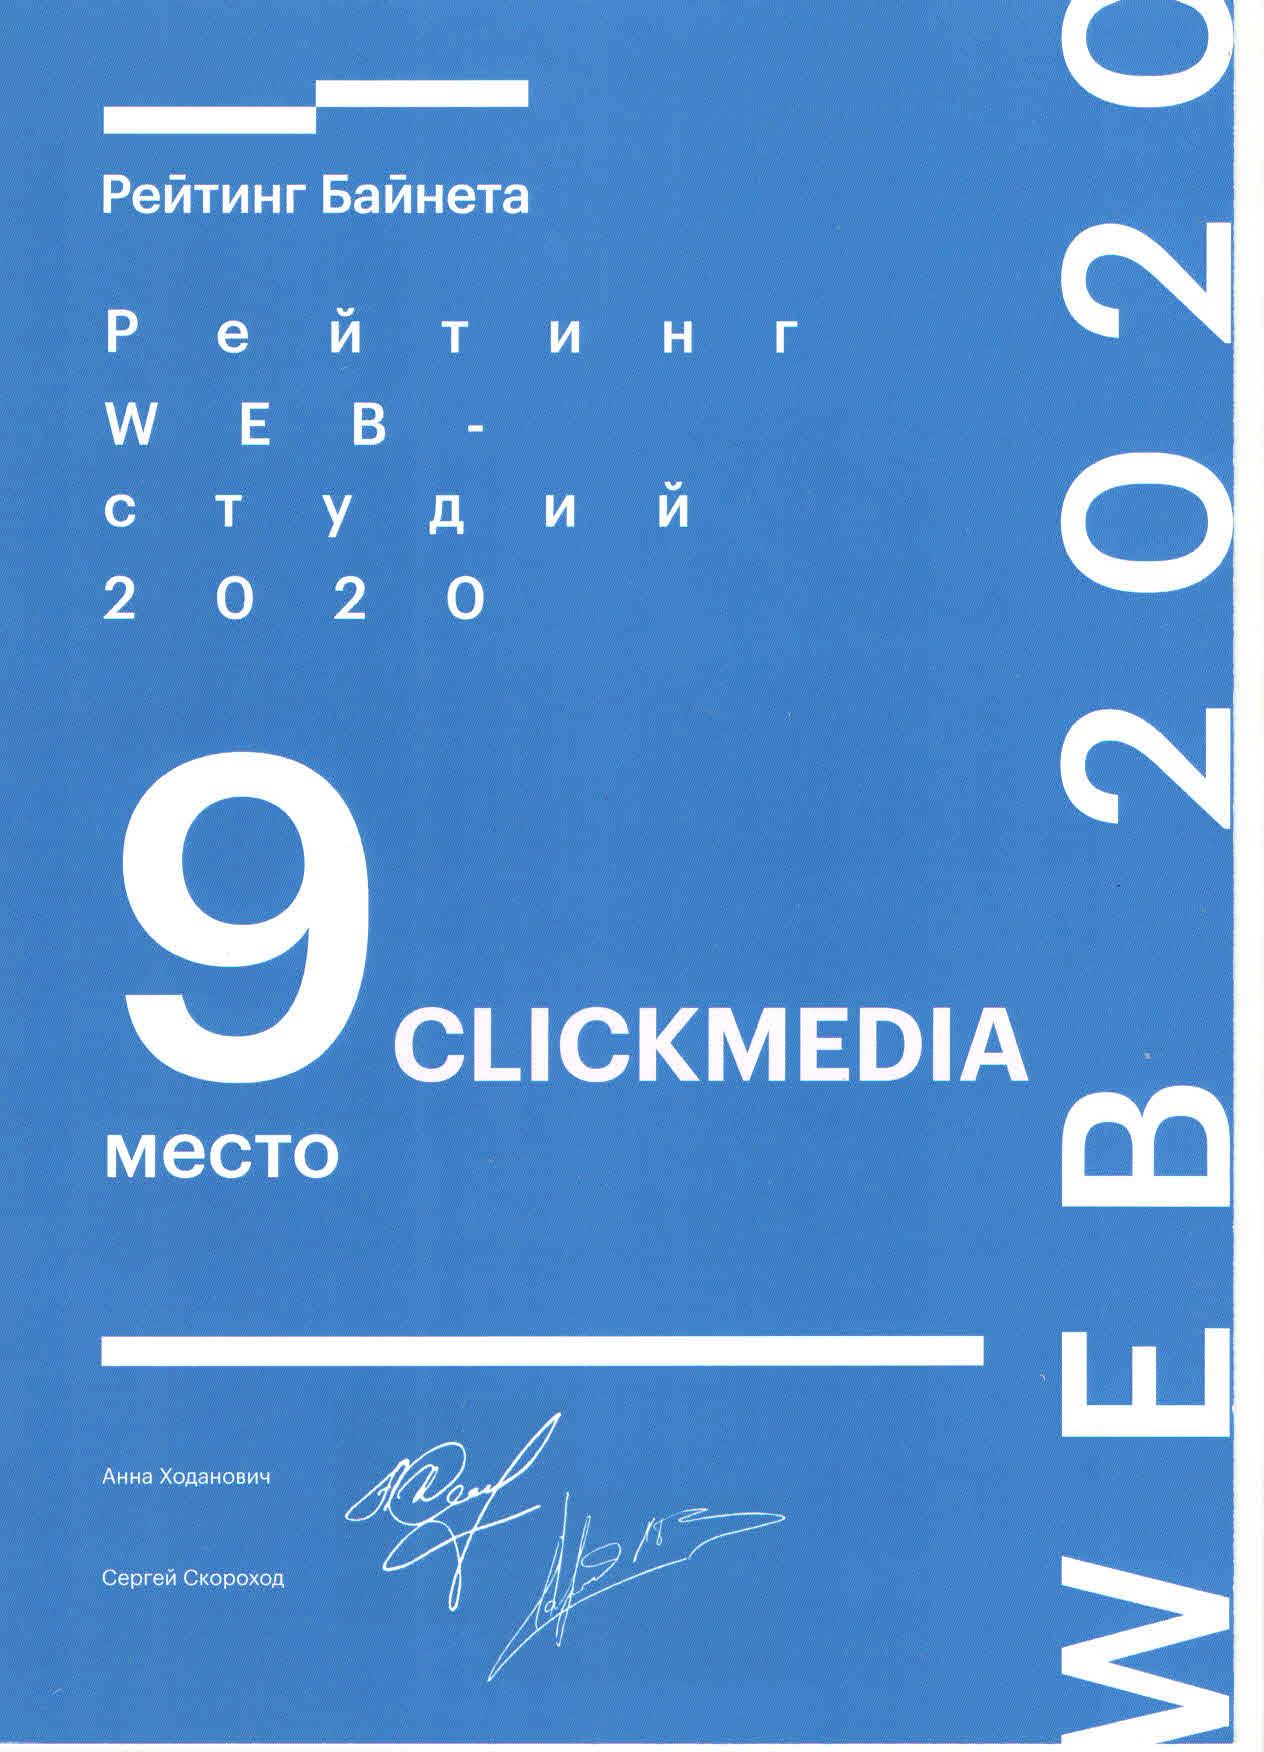 <b>9-е место</b> в рейтинге веб-студий Беларуси.